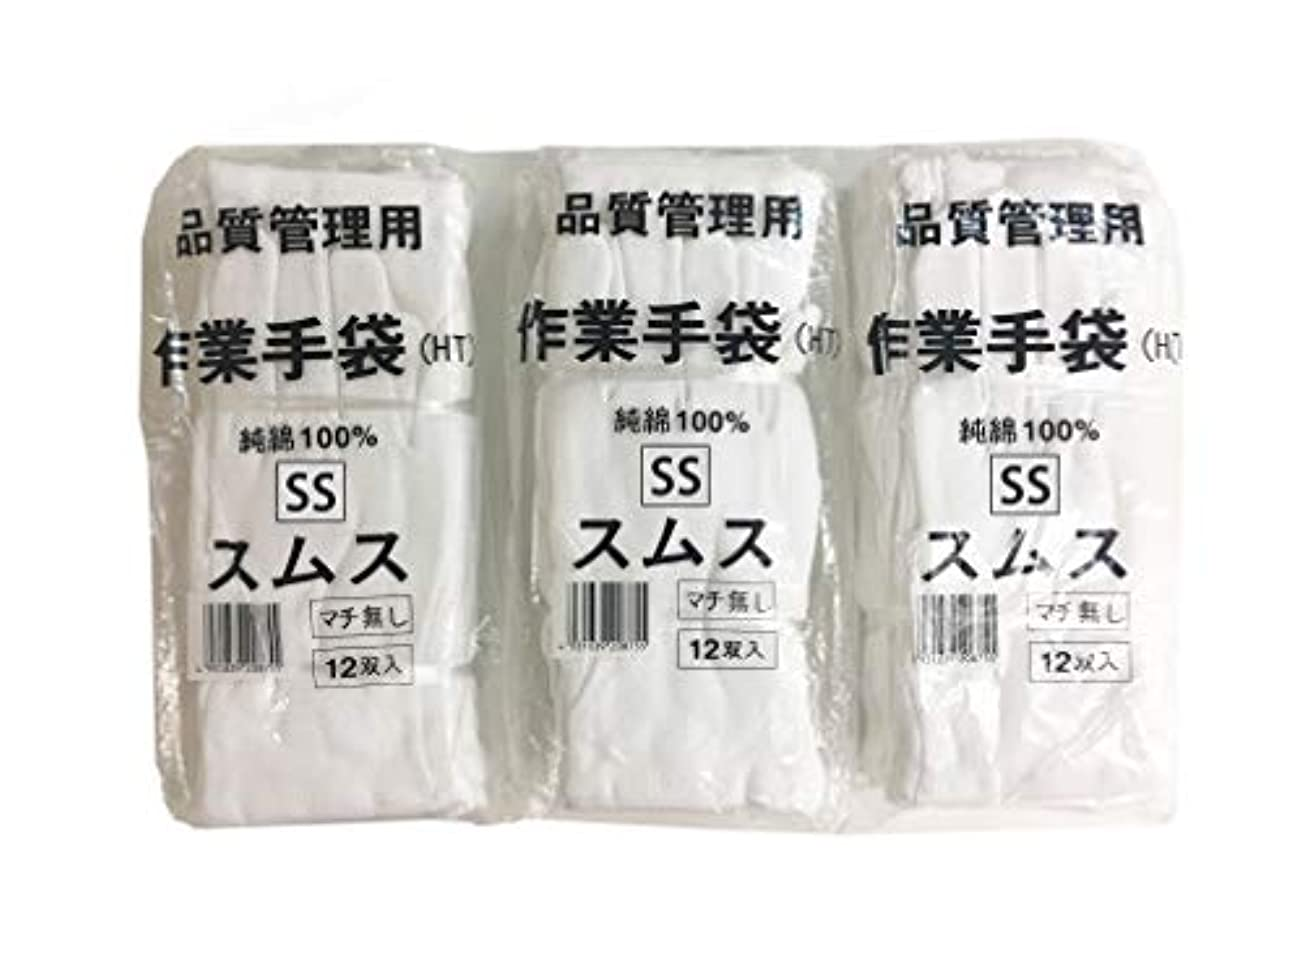 カポックブルーベル努力する【お得なセット売り】純綿100% スムス 手袋 SSサイズ 12双×3袋セット 子供?女性に最適 多用途 101112